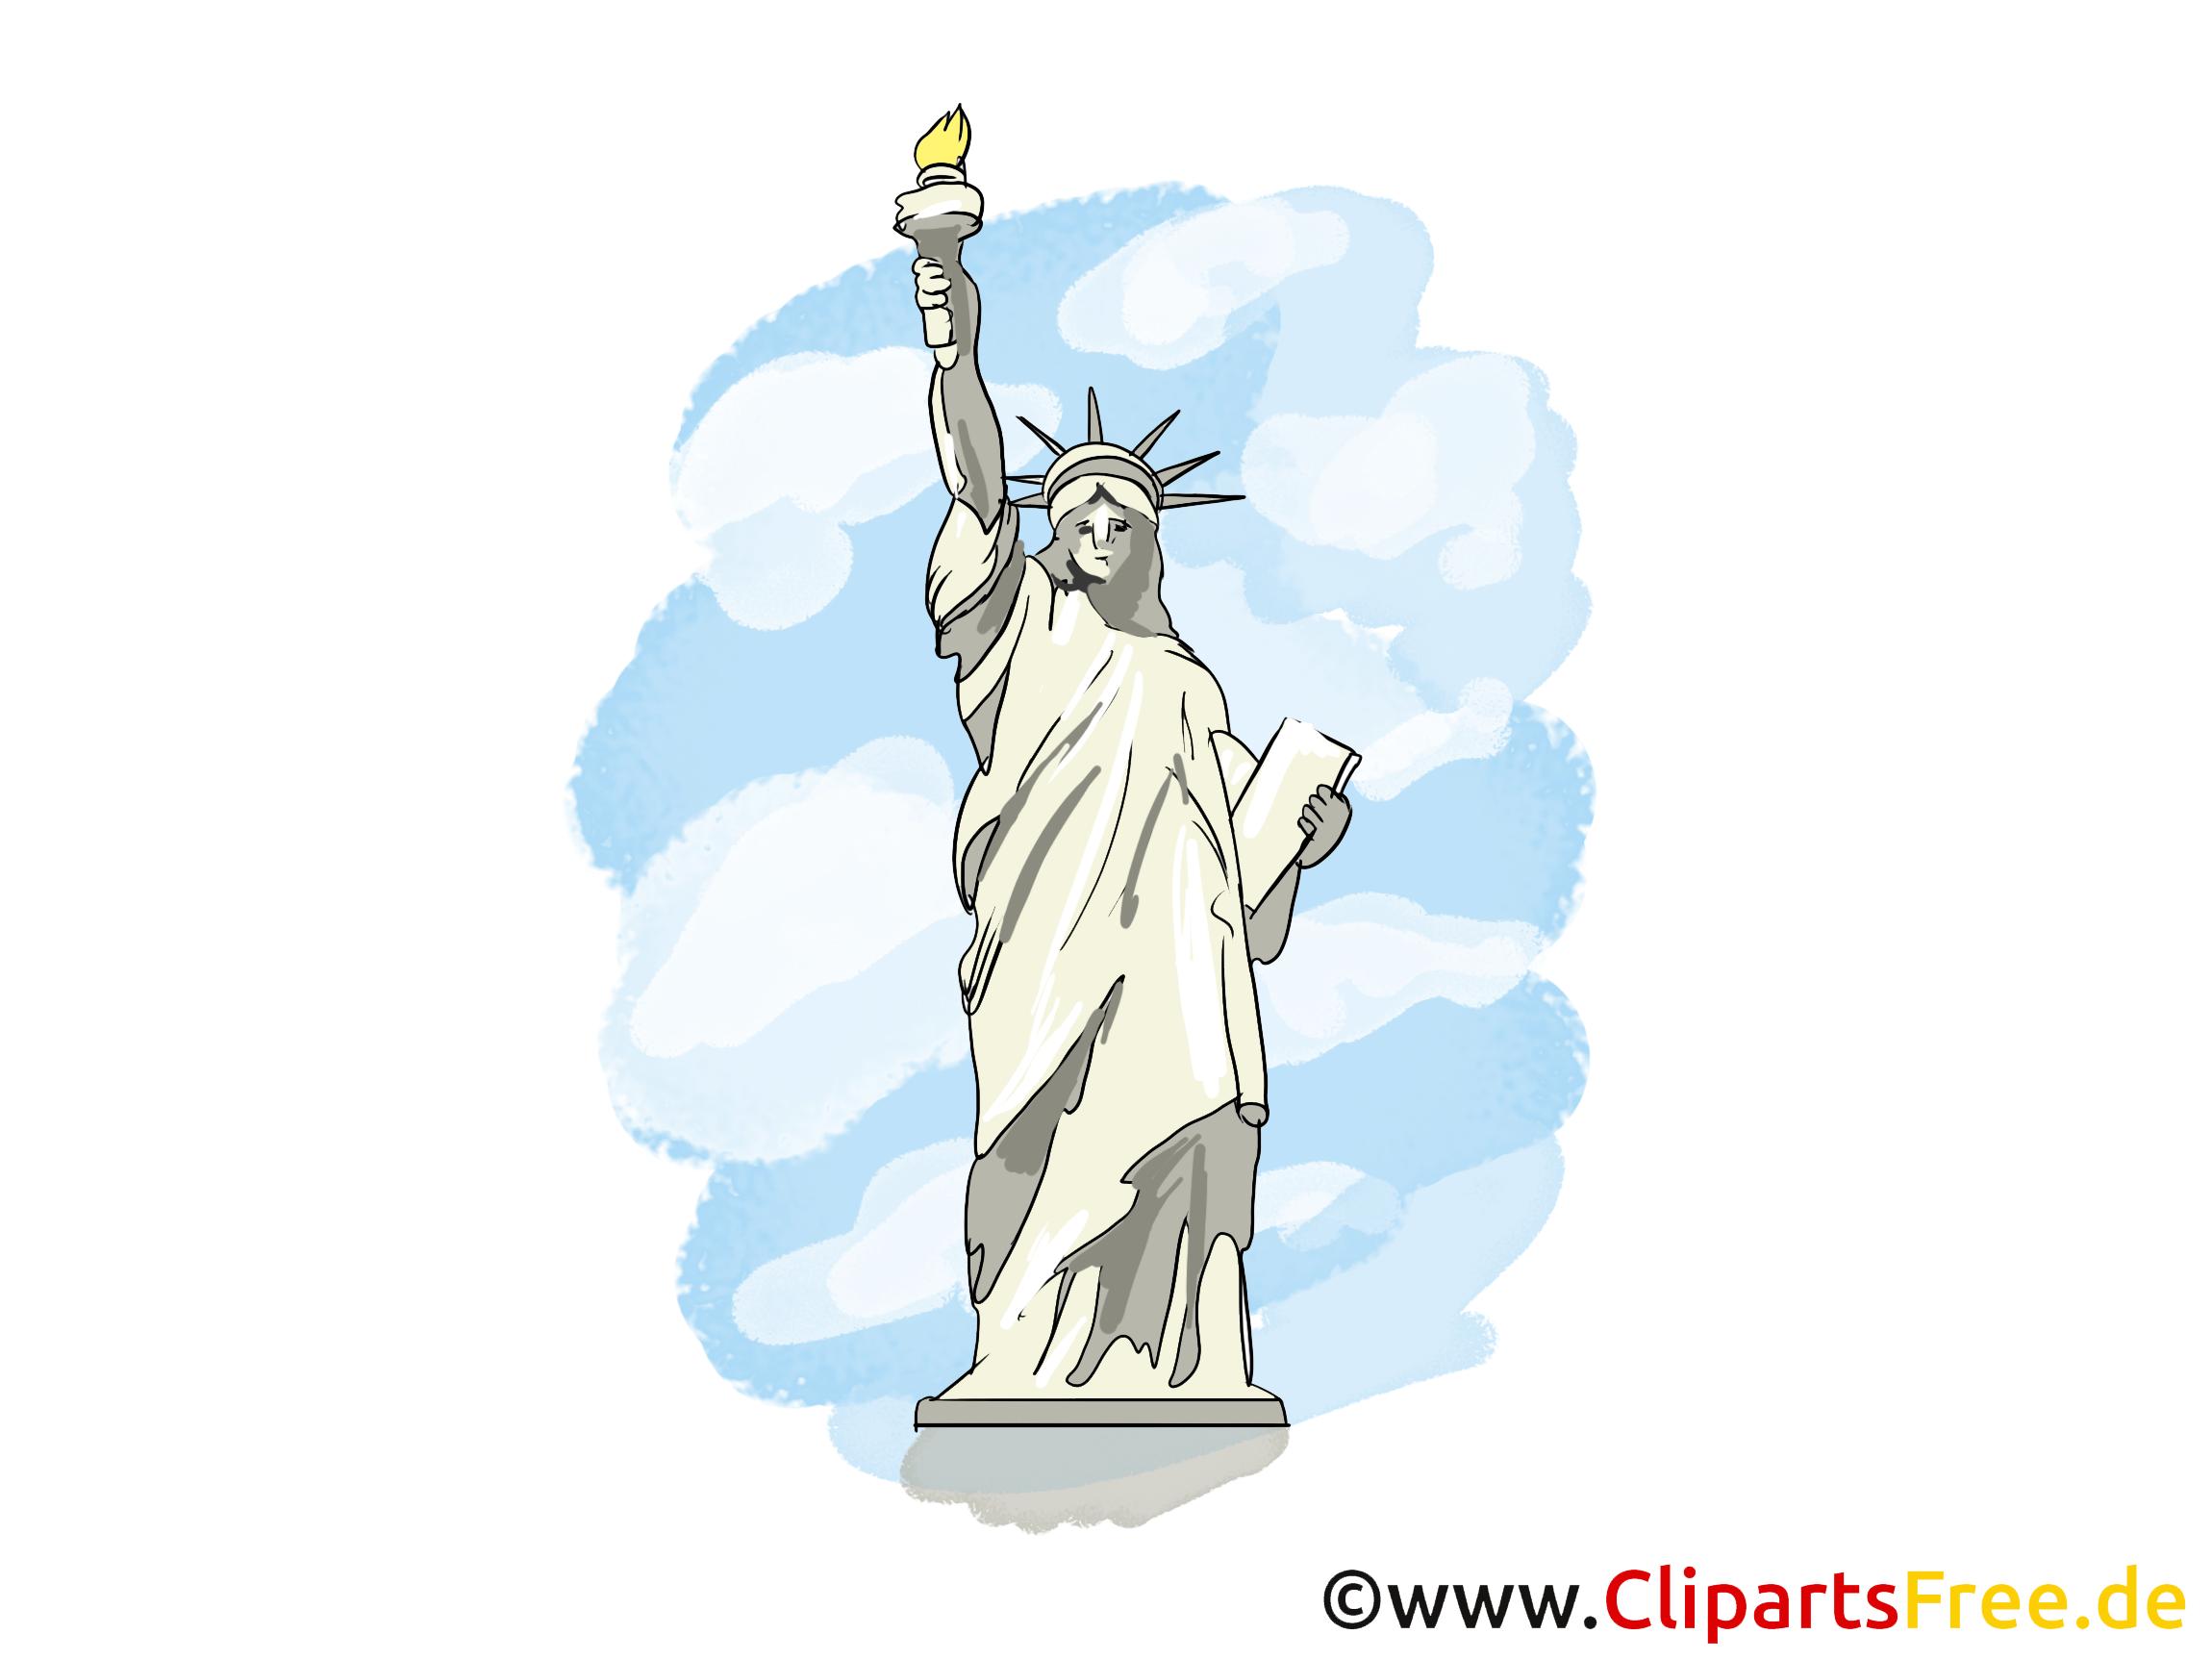 Freiheitsstatue Bild, Clipart, Grusskarte gratis.